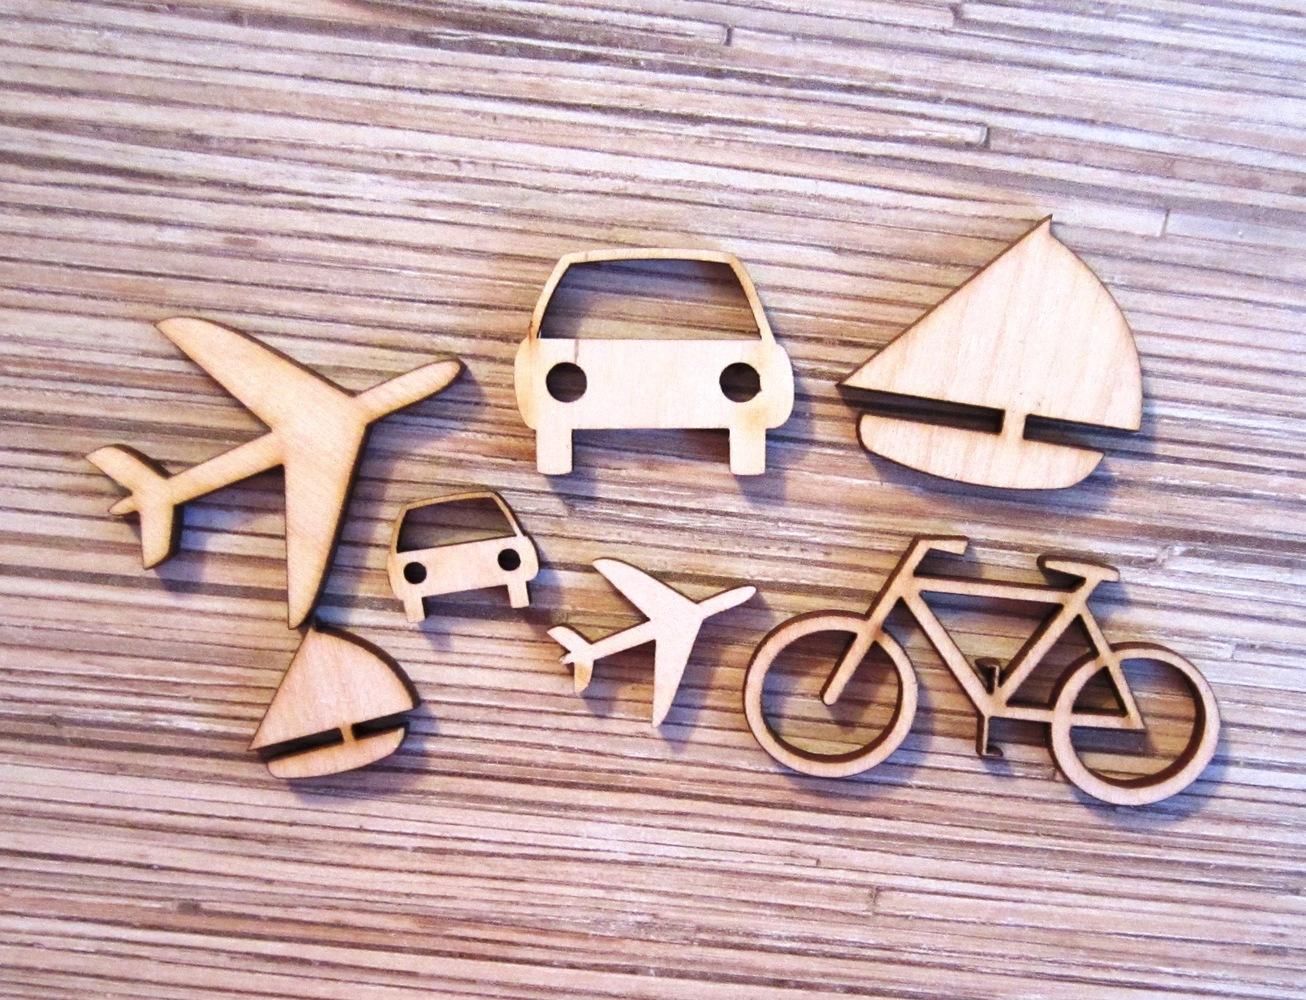 SmileDecor - товары из дерева, заготовки для творчества, лазерная резка и гравировка по дереву. Изделия для обрамления